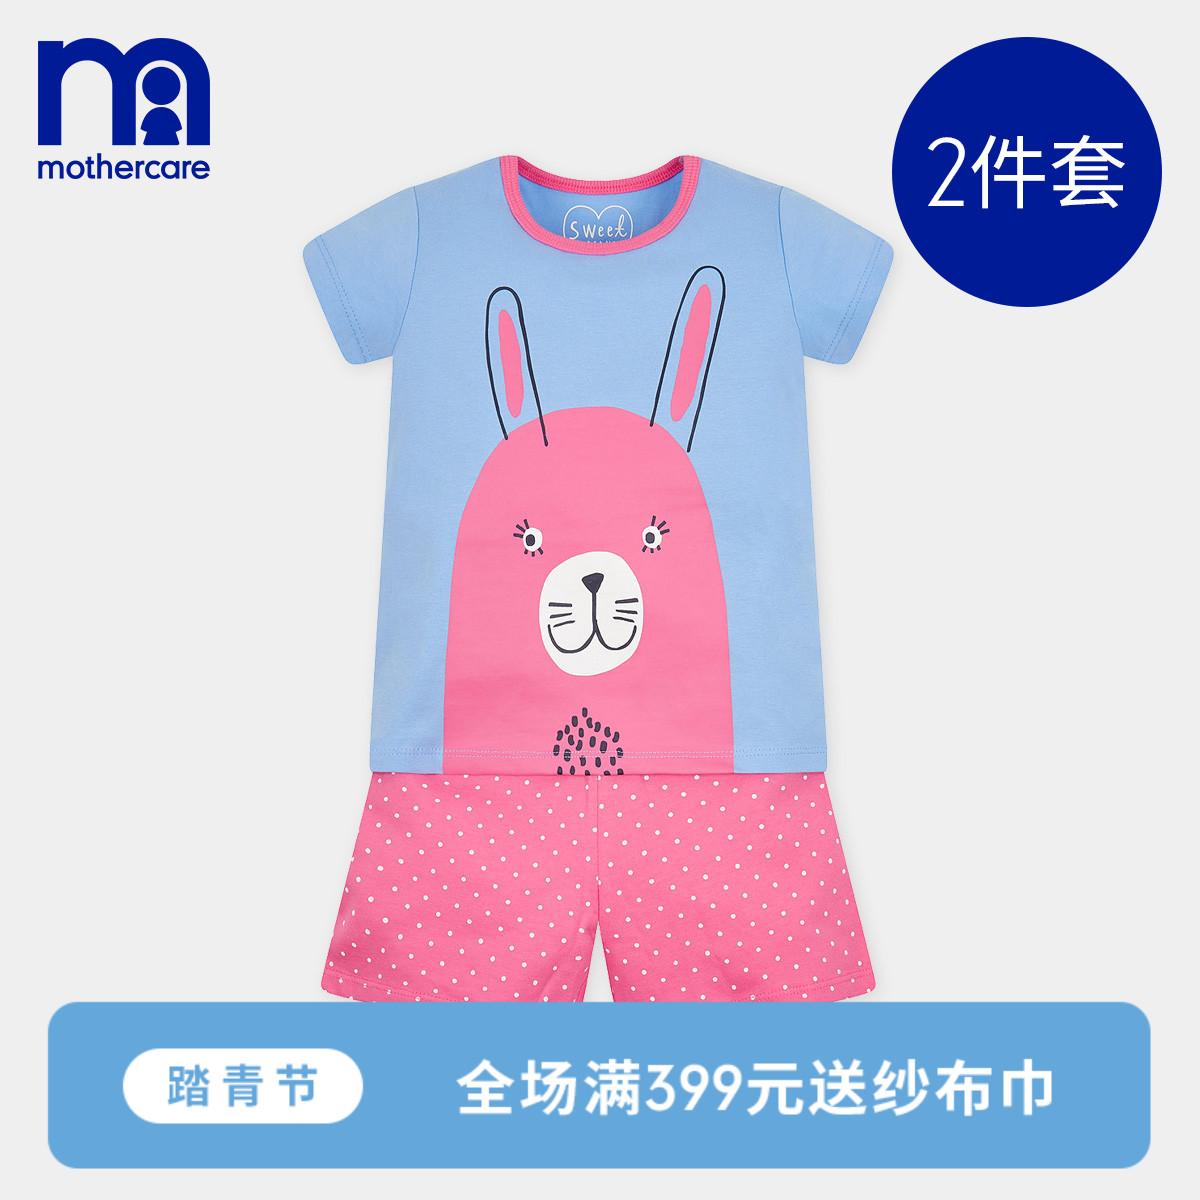 mothercare英国儿童套装夏装清仓薄男童撞色图案女童短袖T恤短裤